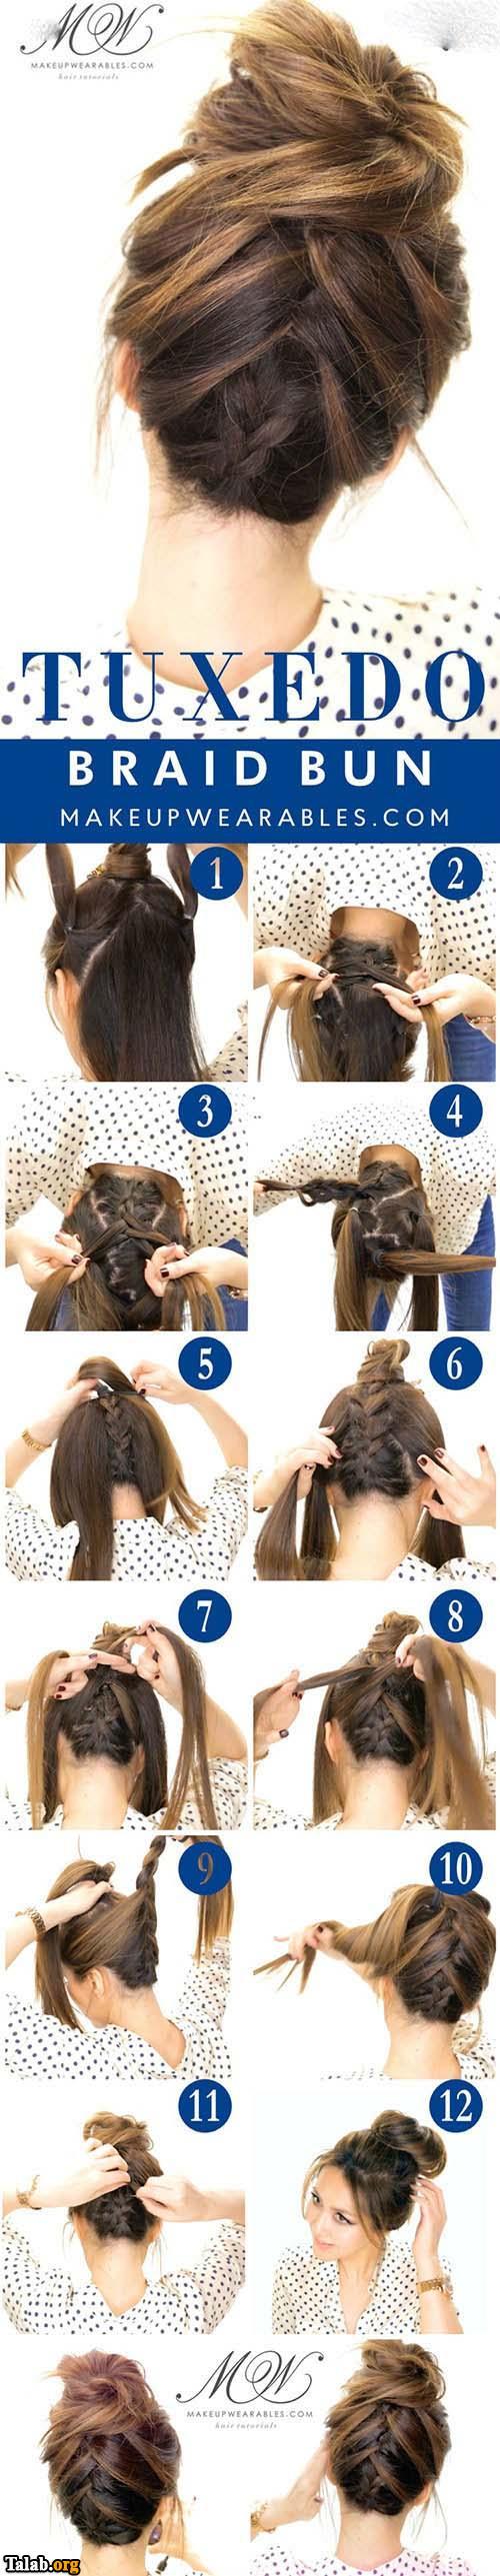 آموزش انواع بستن مو مخصوص مجالس و مهمانی ها